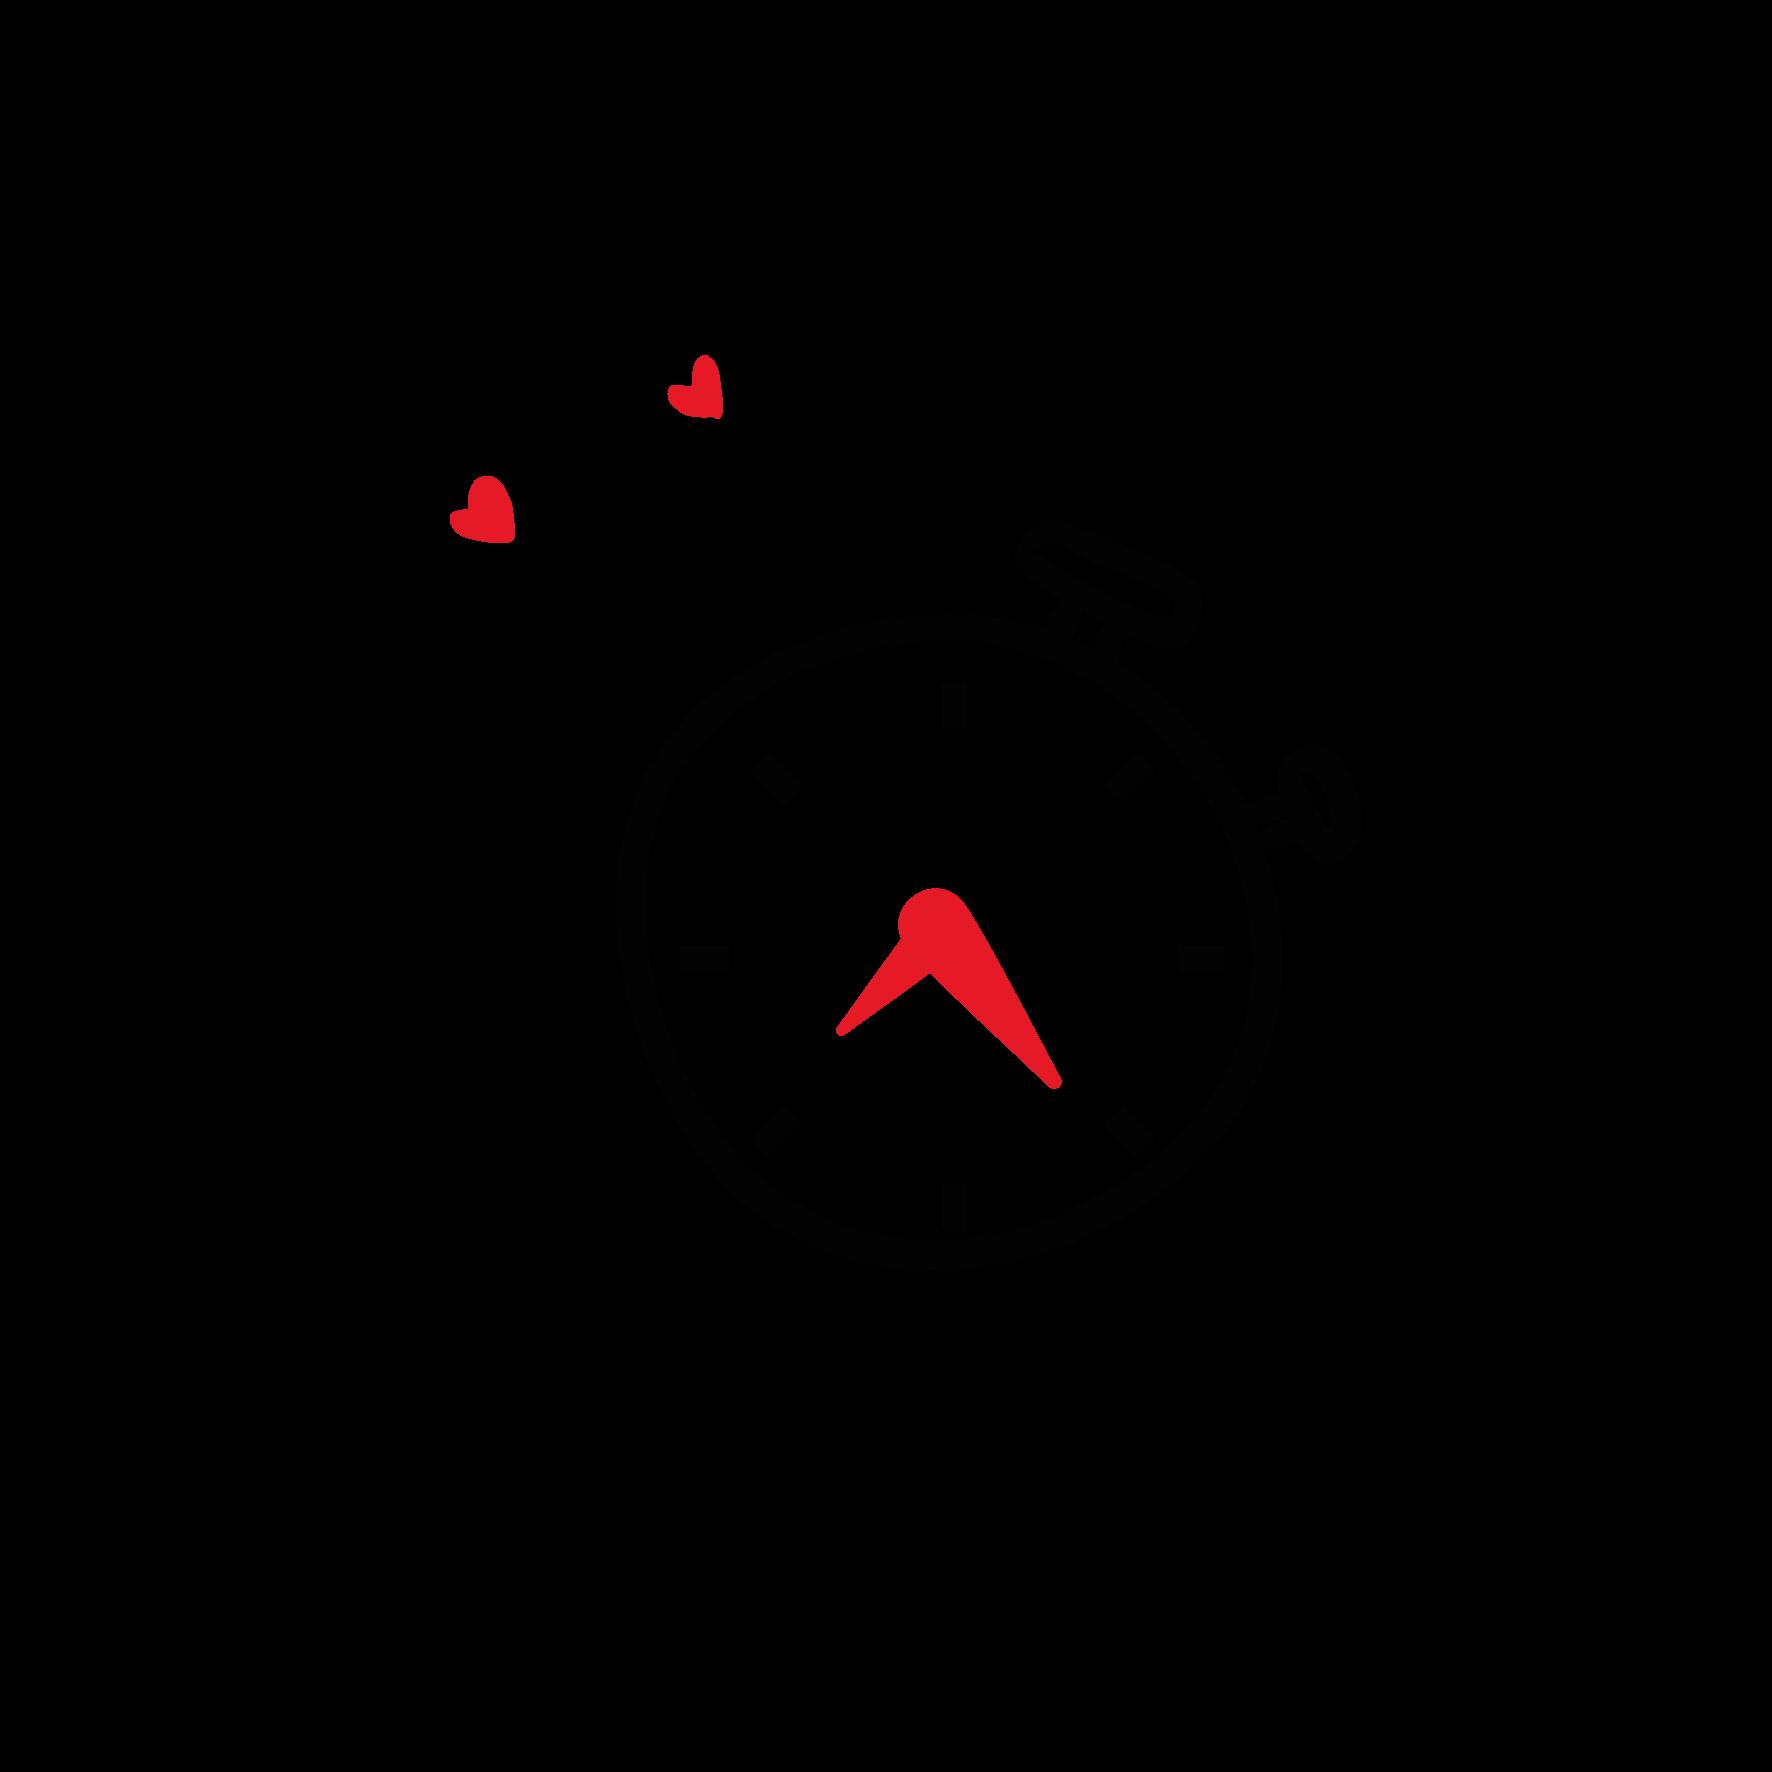 48h chrono - viens je t'emmène logo